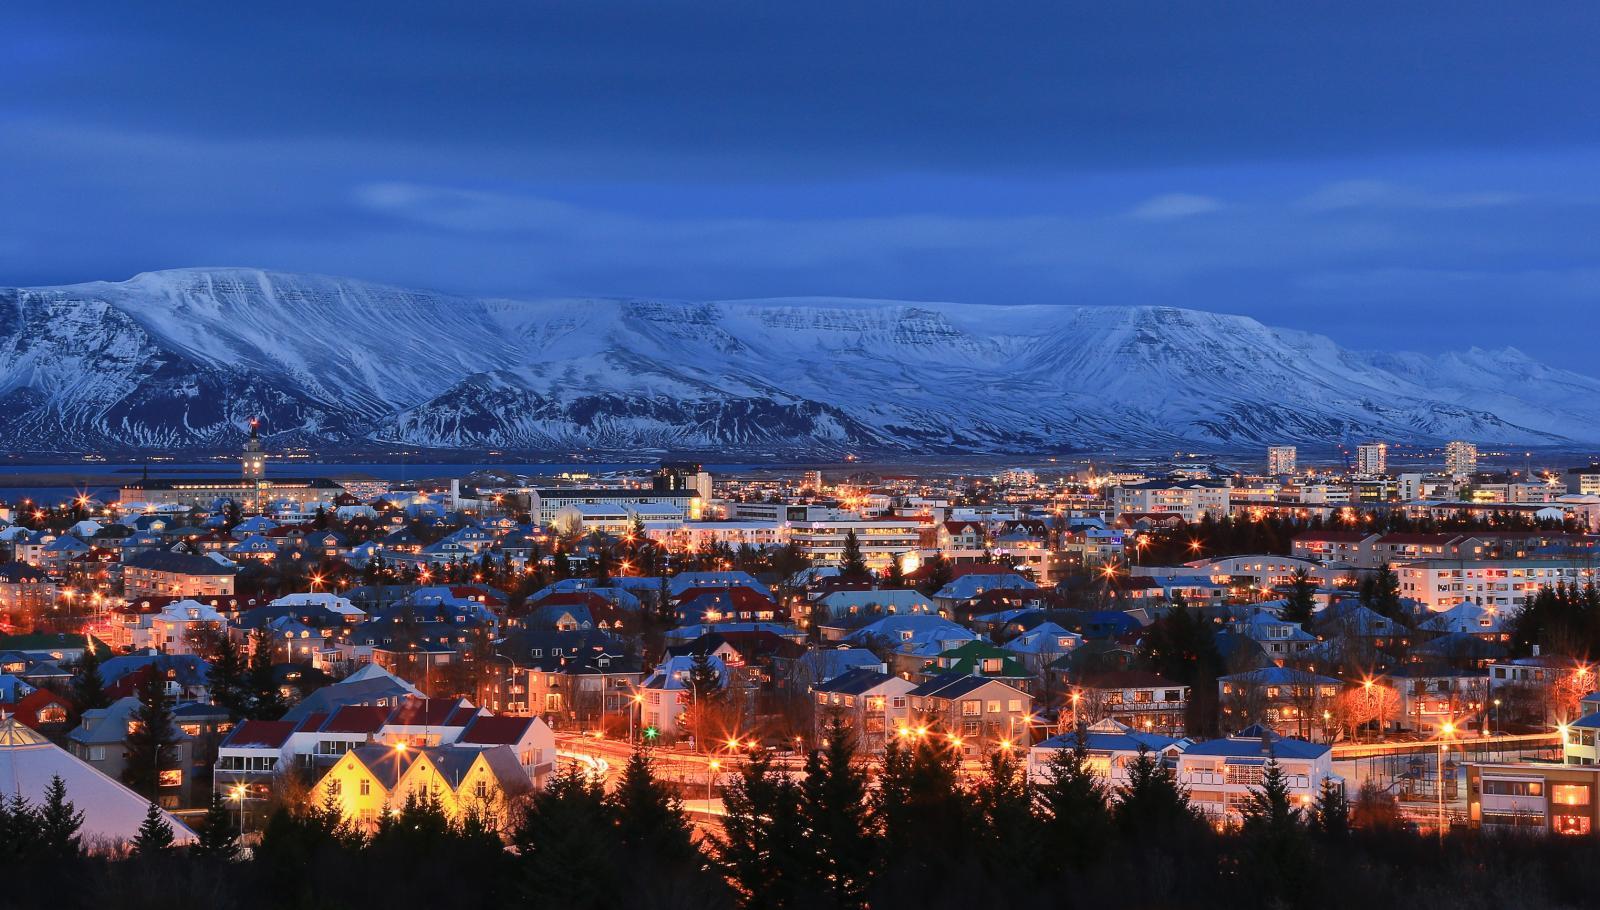 2.Reykjavik